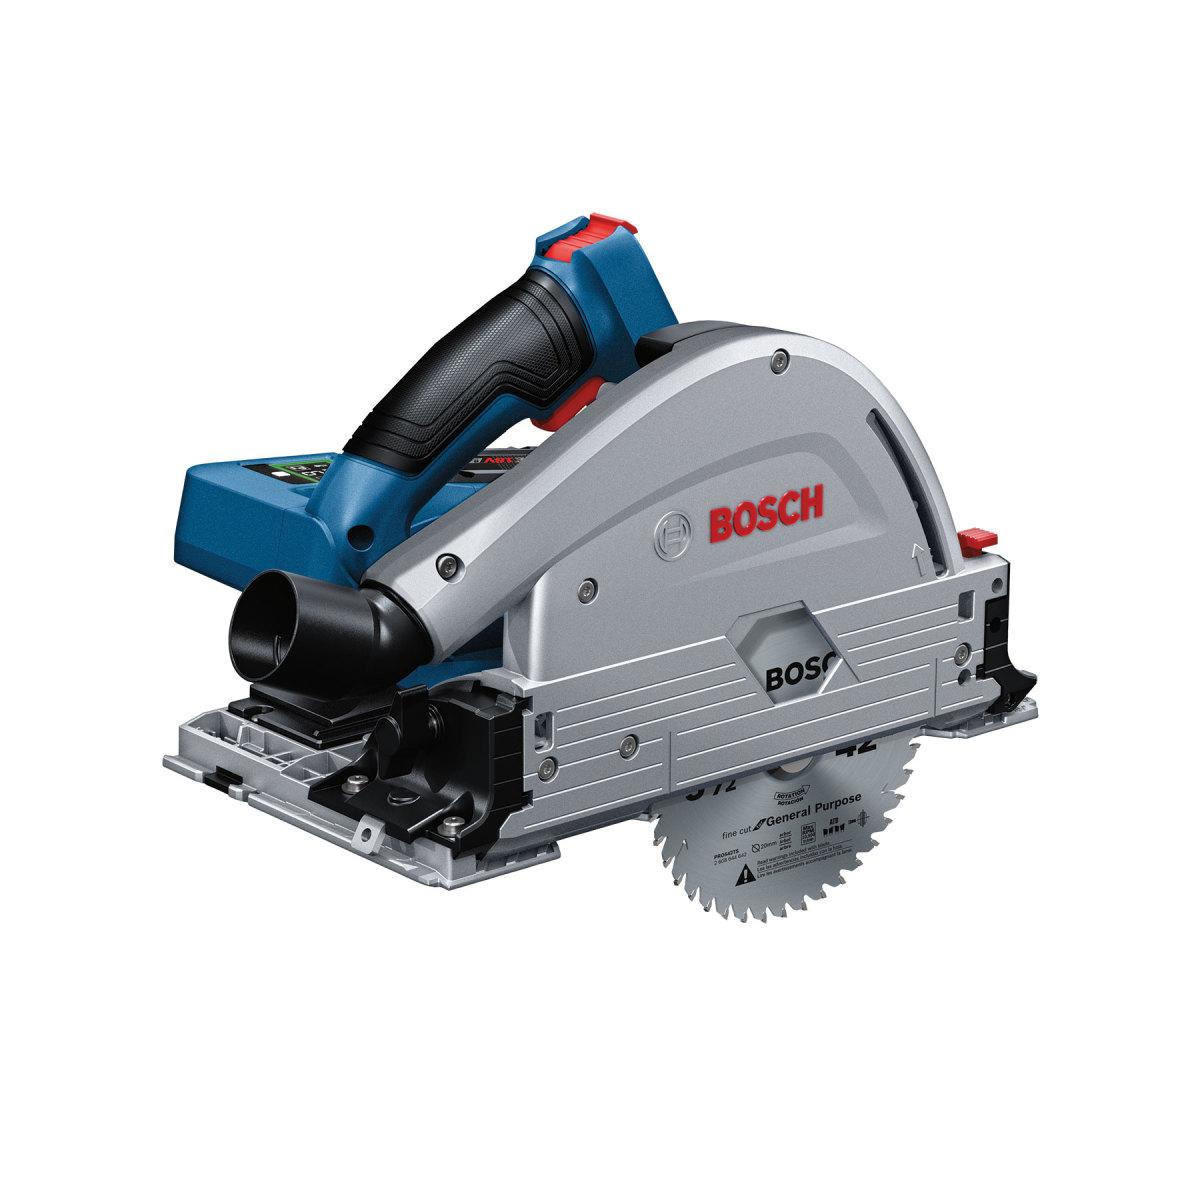 Bosch-track-saw